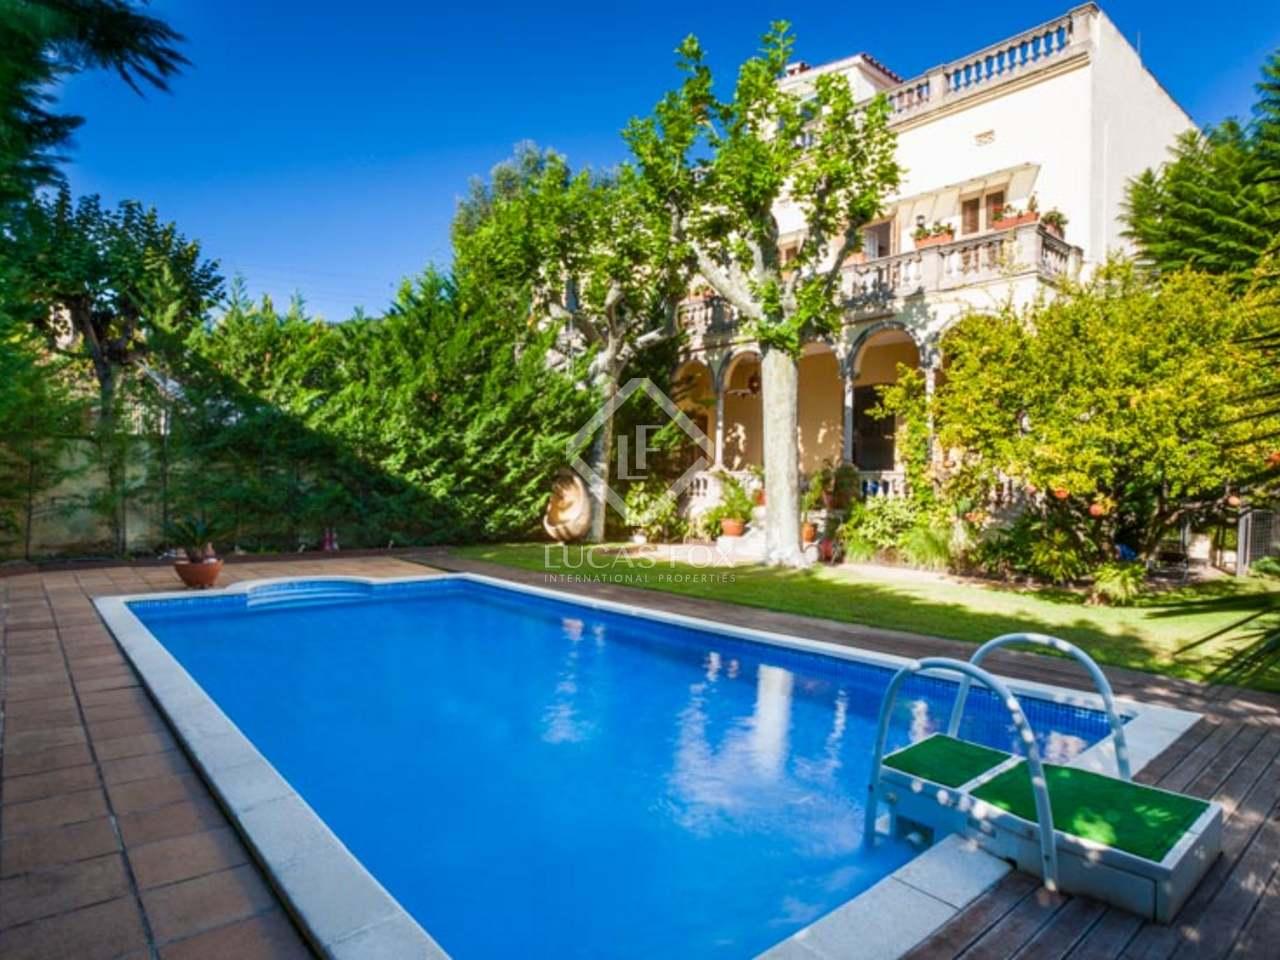 Casa de 5 dormitorios en alquiler con un jard n y piscina for Casa con jardin alquiler barcelona